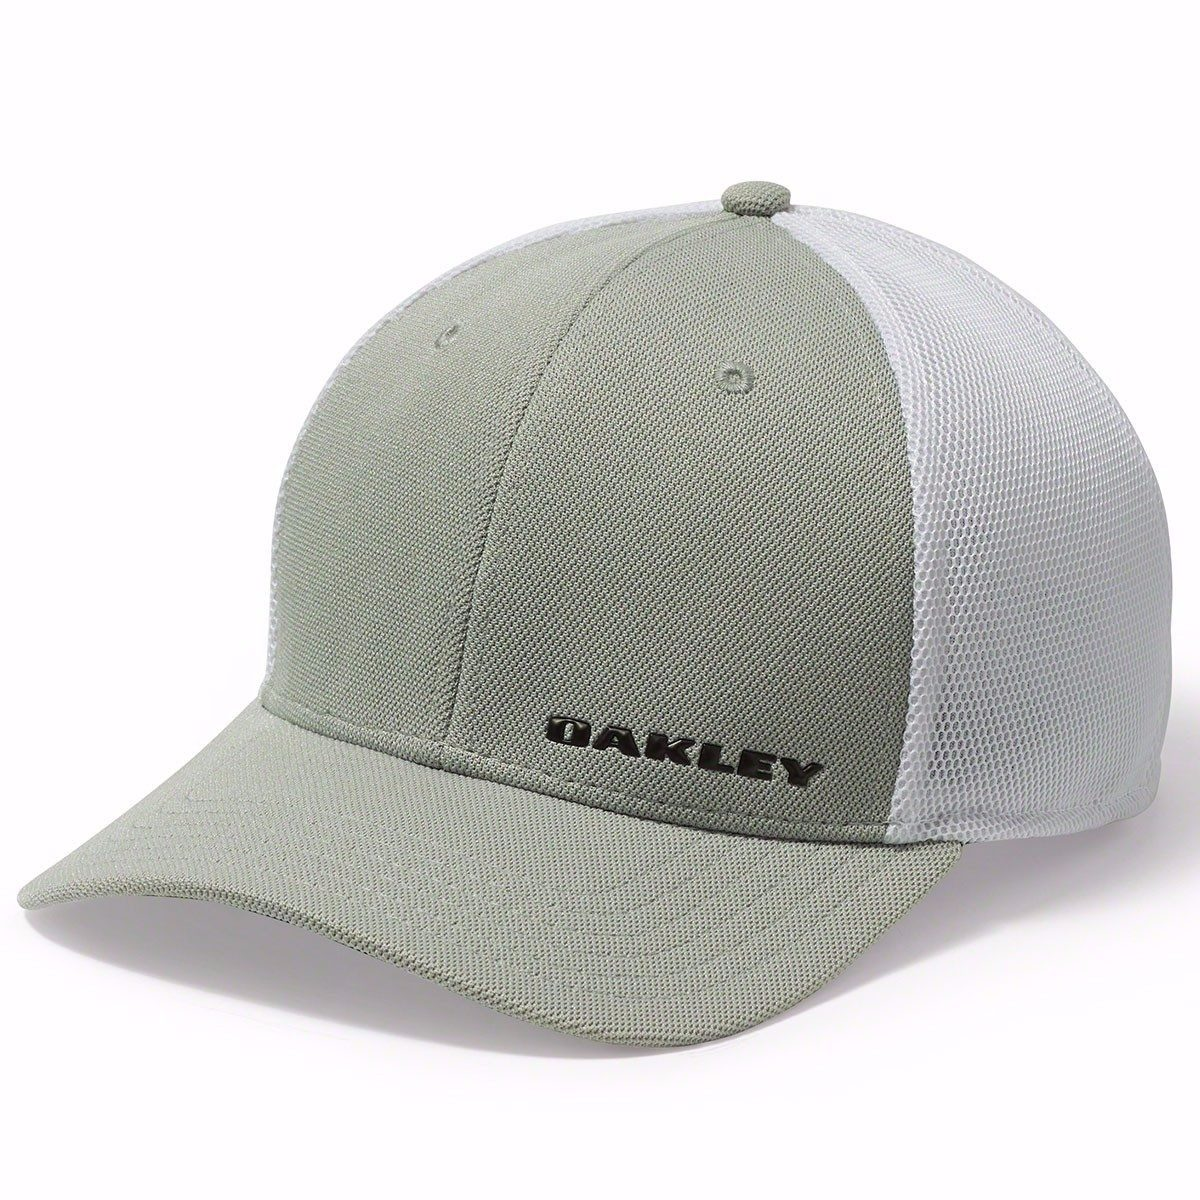 Gorras Oakley Mercadolibre « One More Soul 742a5340ad6